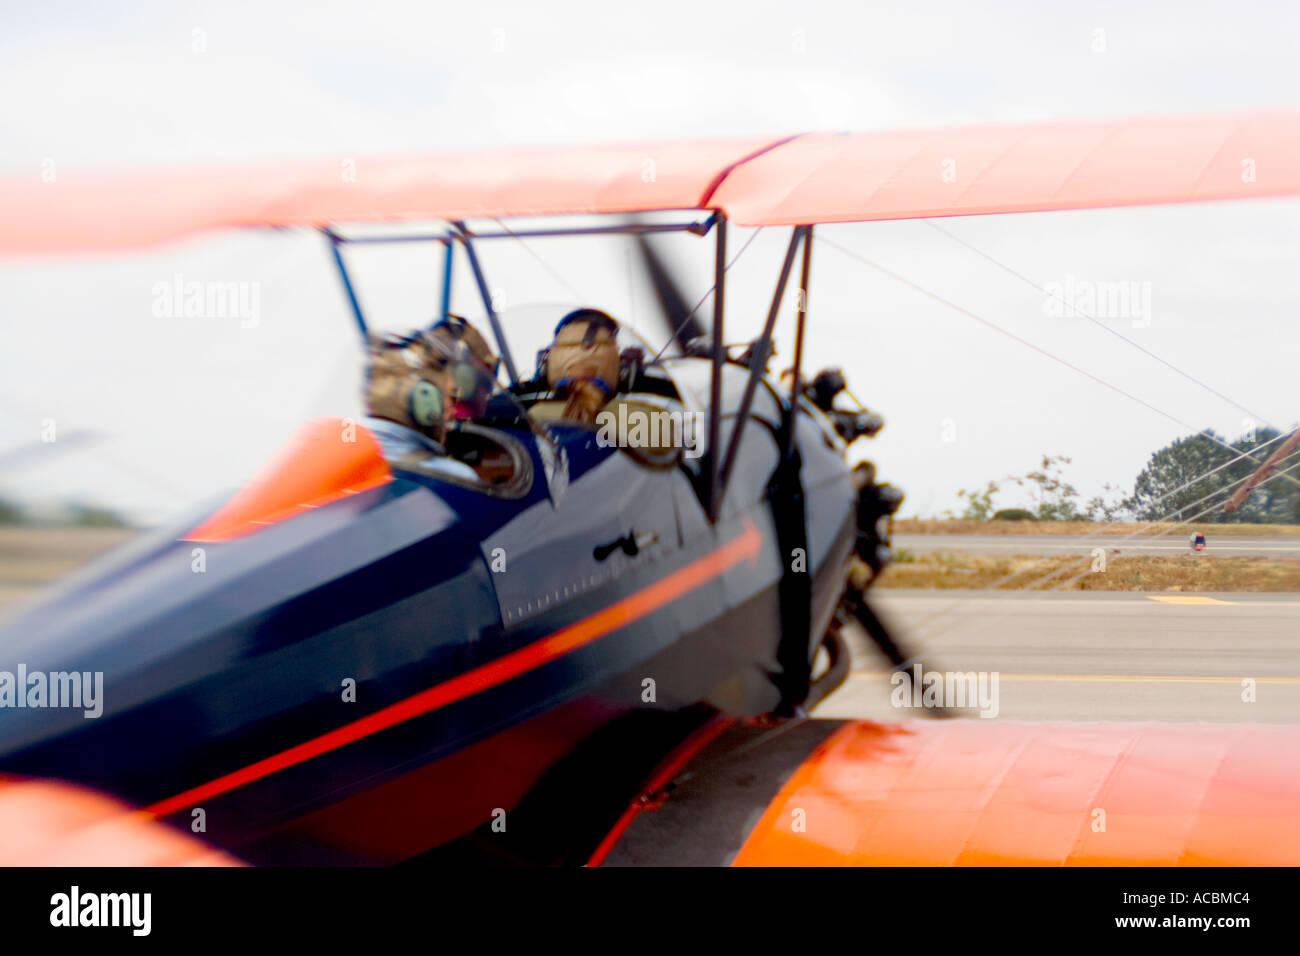 Old Bi plane on tarmac waiting to take off - Stock Image